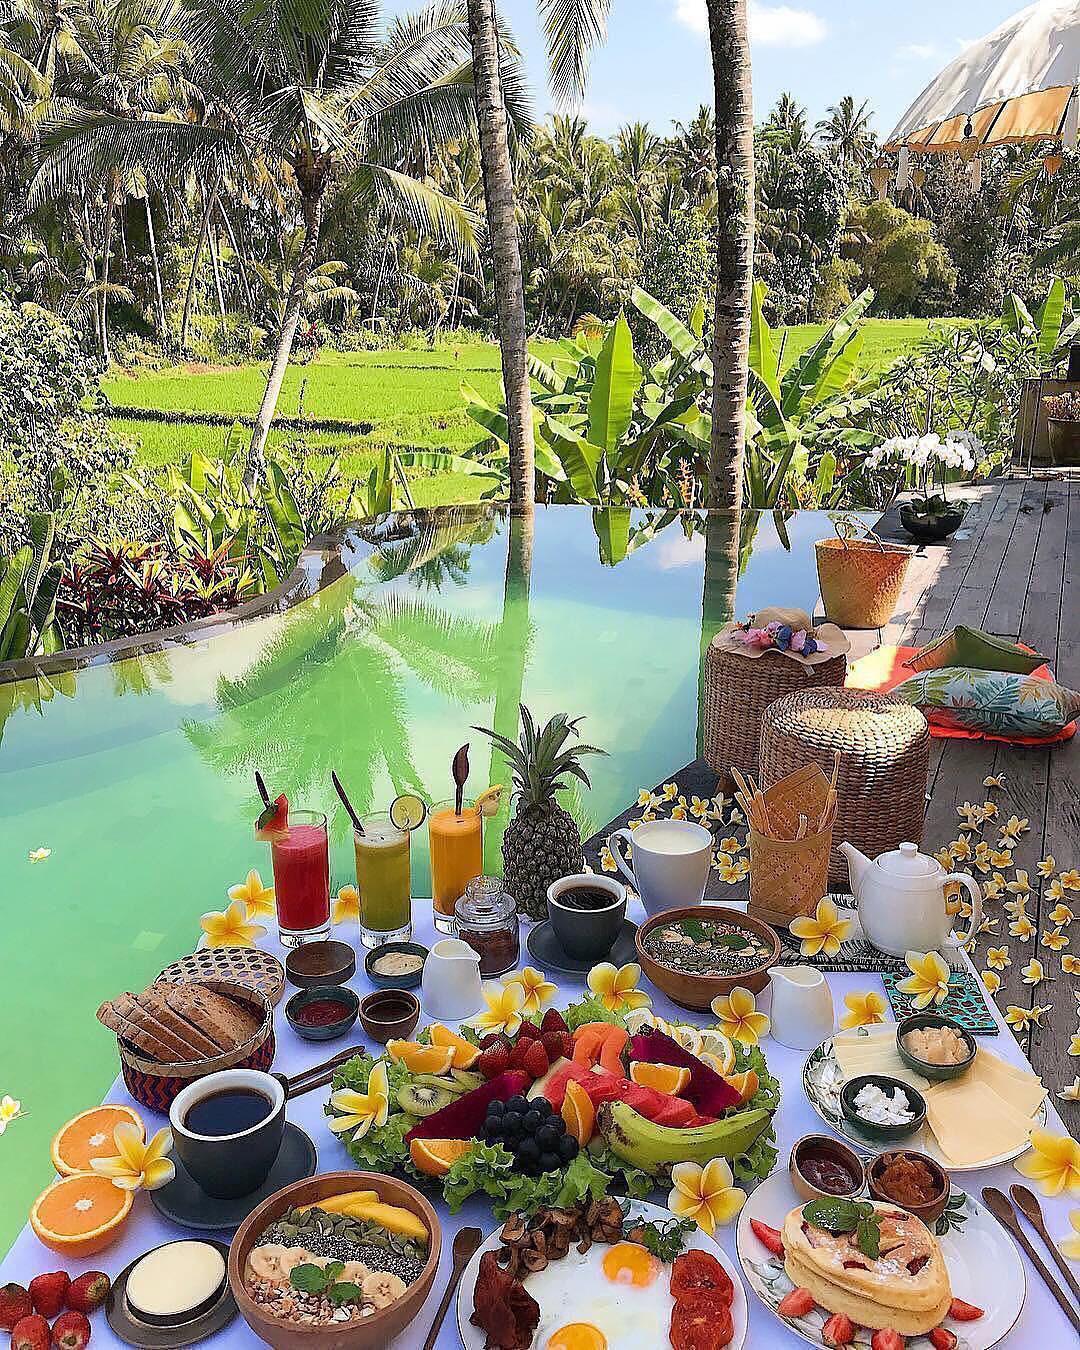 """Từ câu chuyện nữ du khách Việt chê Bali """"ảo"""" và """"vô vị"""", nhớ ngay những lưu ý sau nếu không muốn đi du lịch theo tour rồi ôm nỗi thất vọng tràn trề - Ảnh 10."""